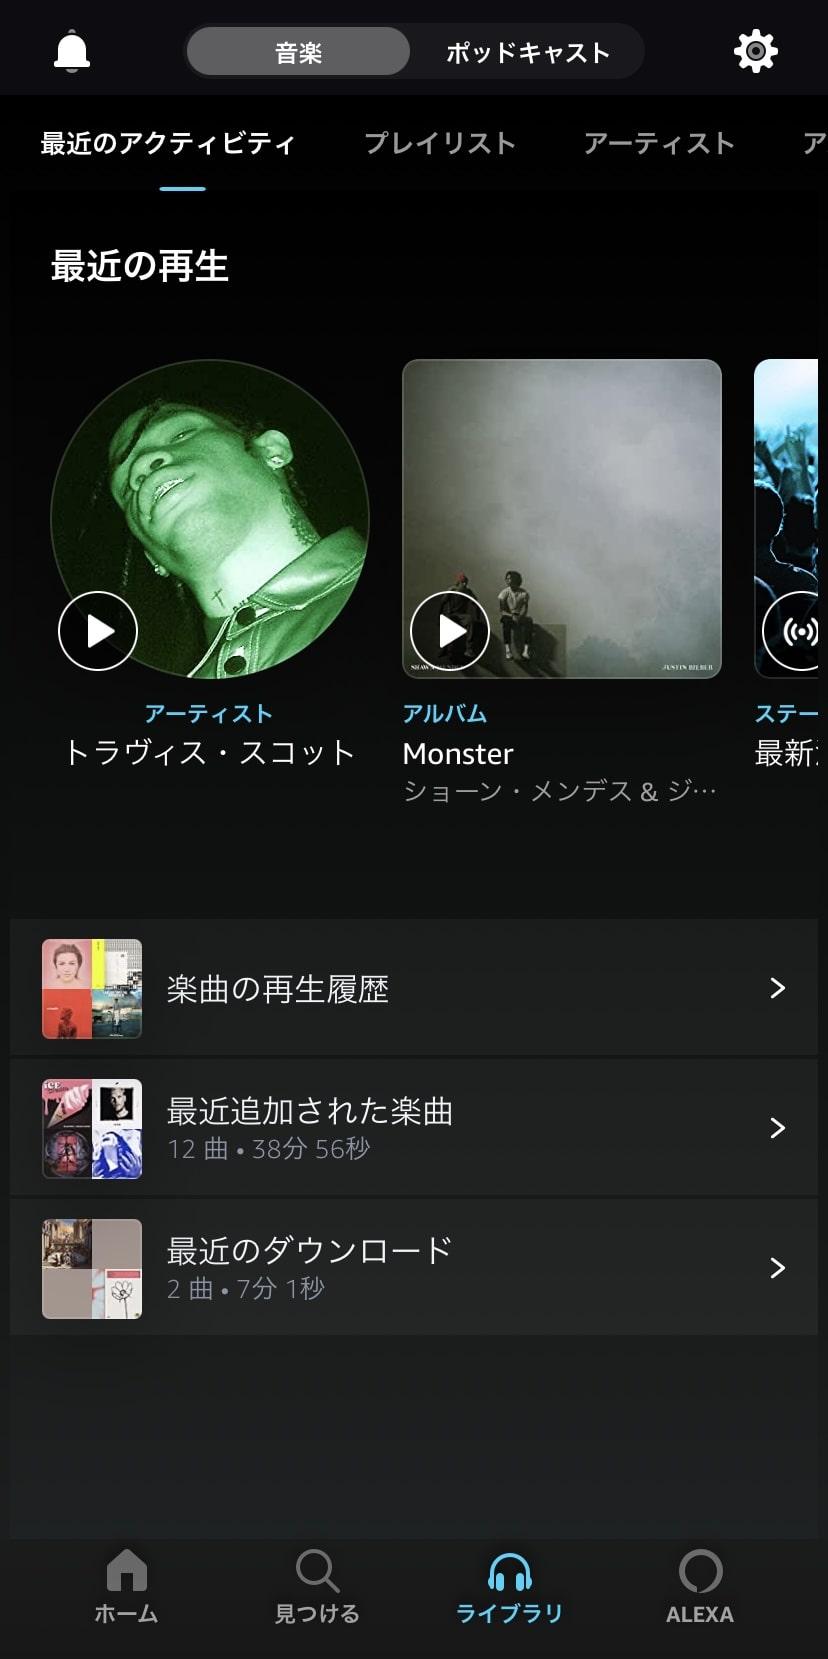 Amazon Musicには4つのメイン画面がある